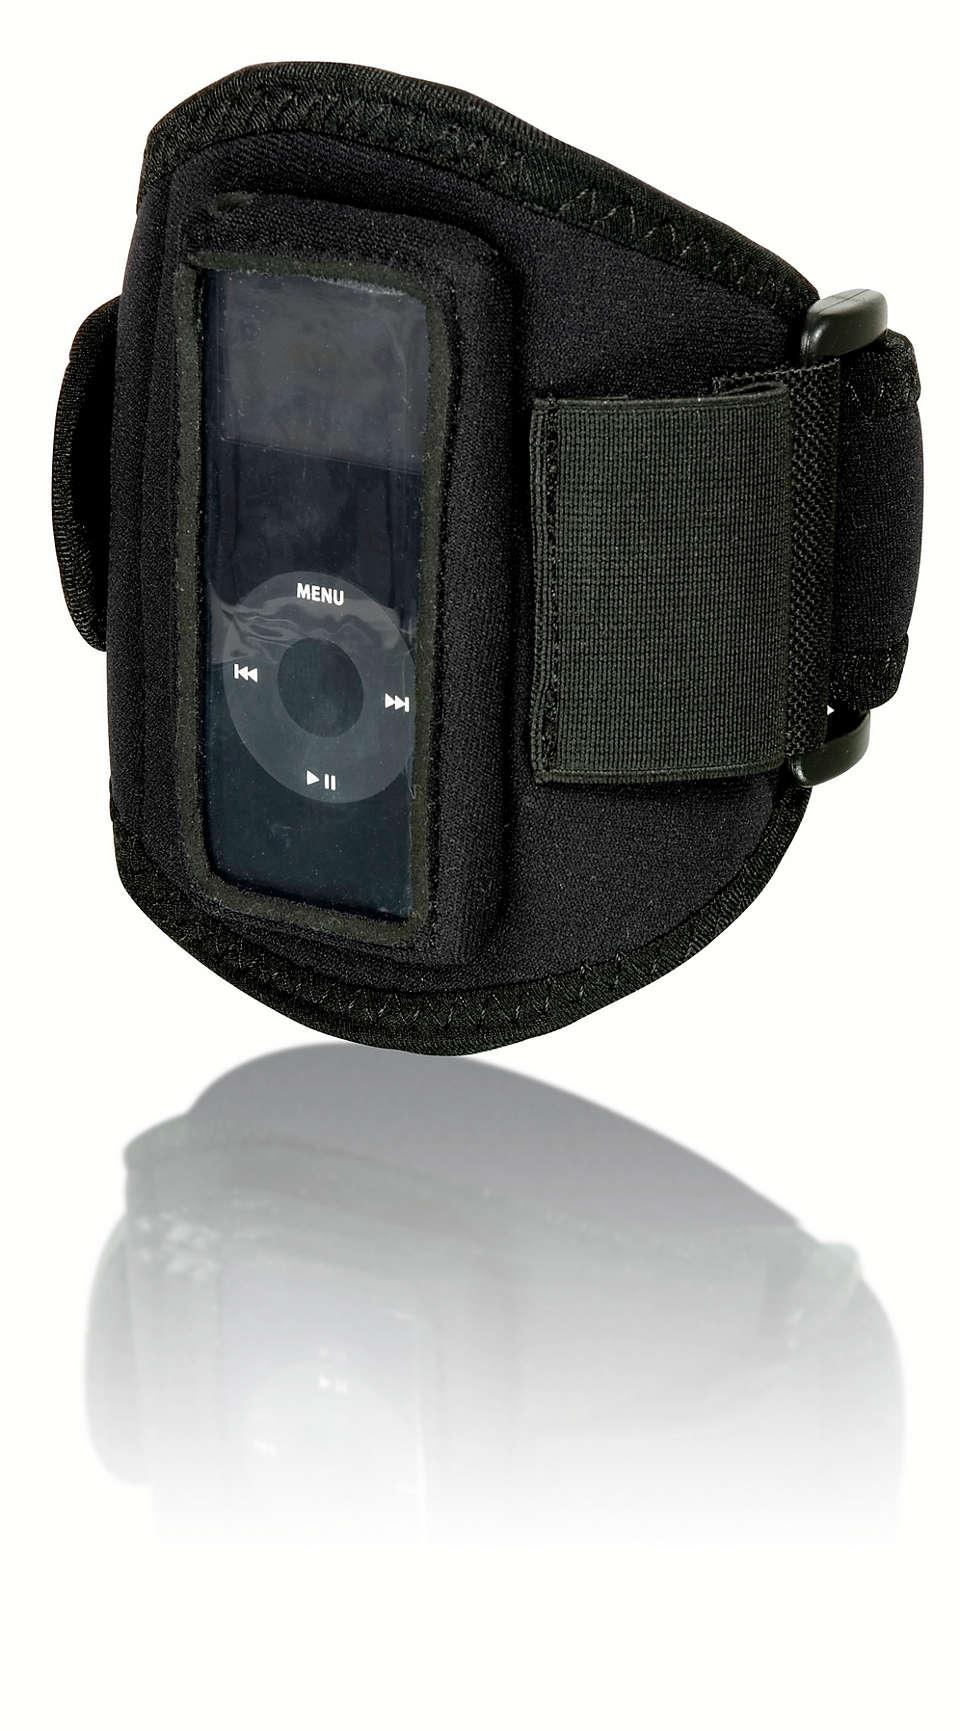 Faça exercício com o seu iPod nano